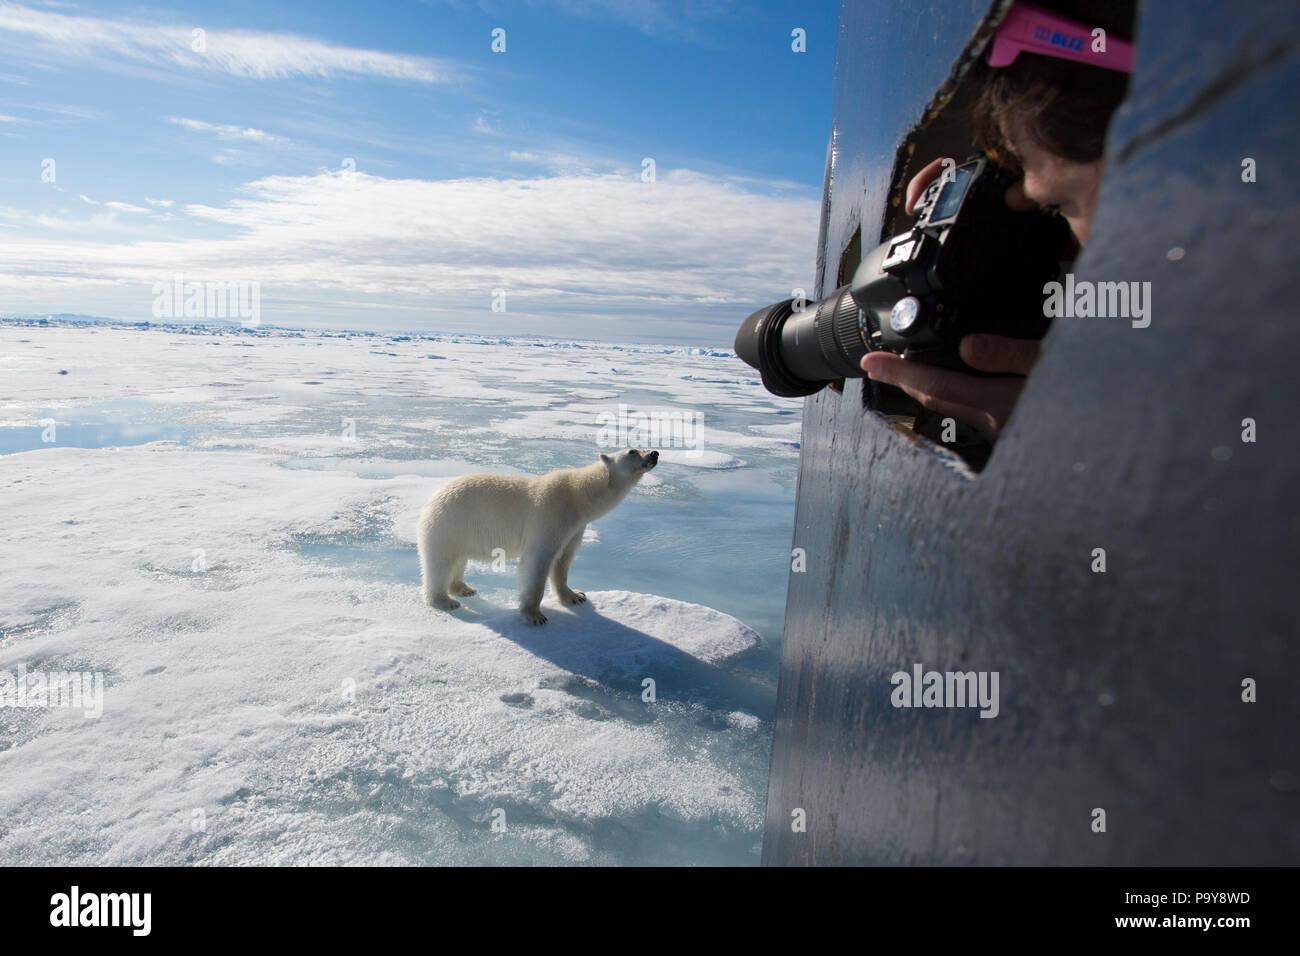 Un oso polar se aproxima a un barco turístico en el Océano Ártico, fotografiado por una mujer en una distancia cercana. Foto de stock